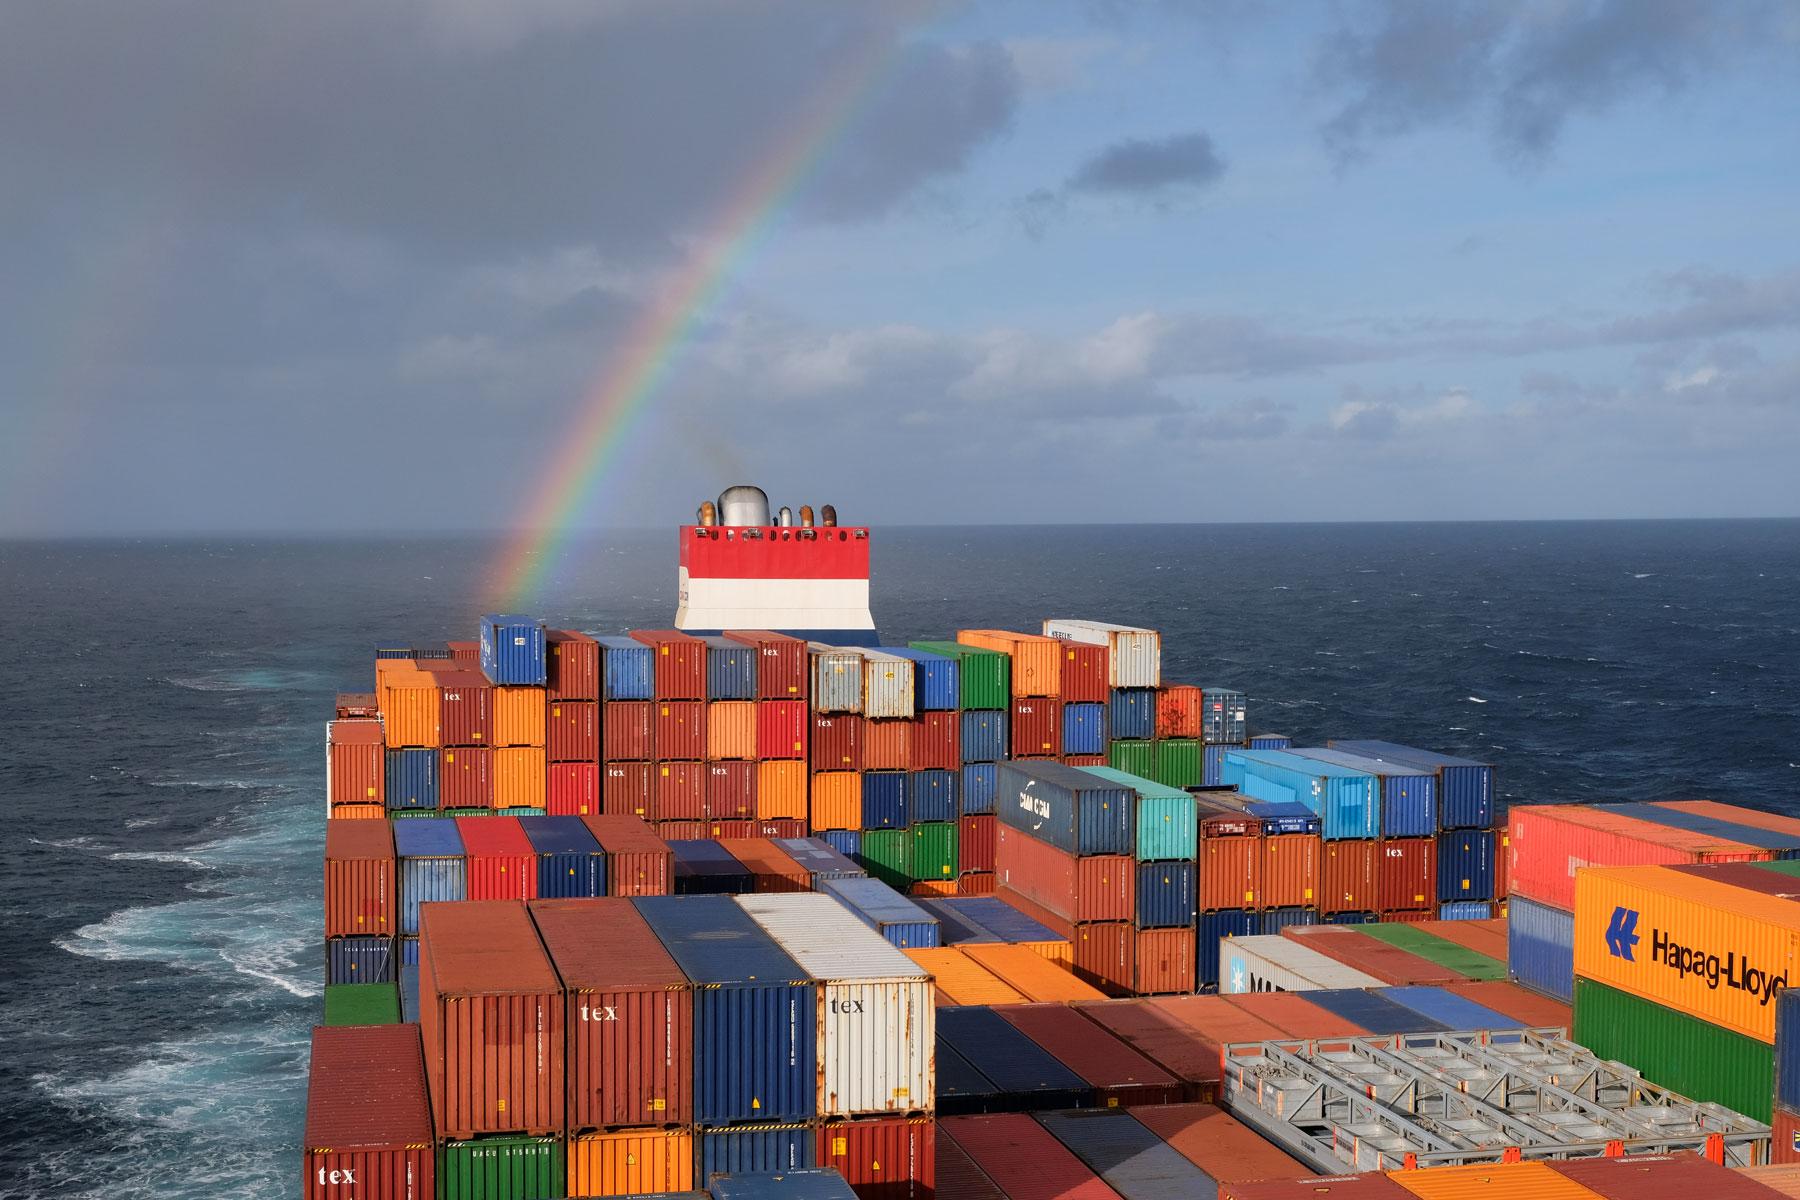 Hinter unserem Containerschiff leuchtet ein Regenbogen über dem Atlantik.